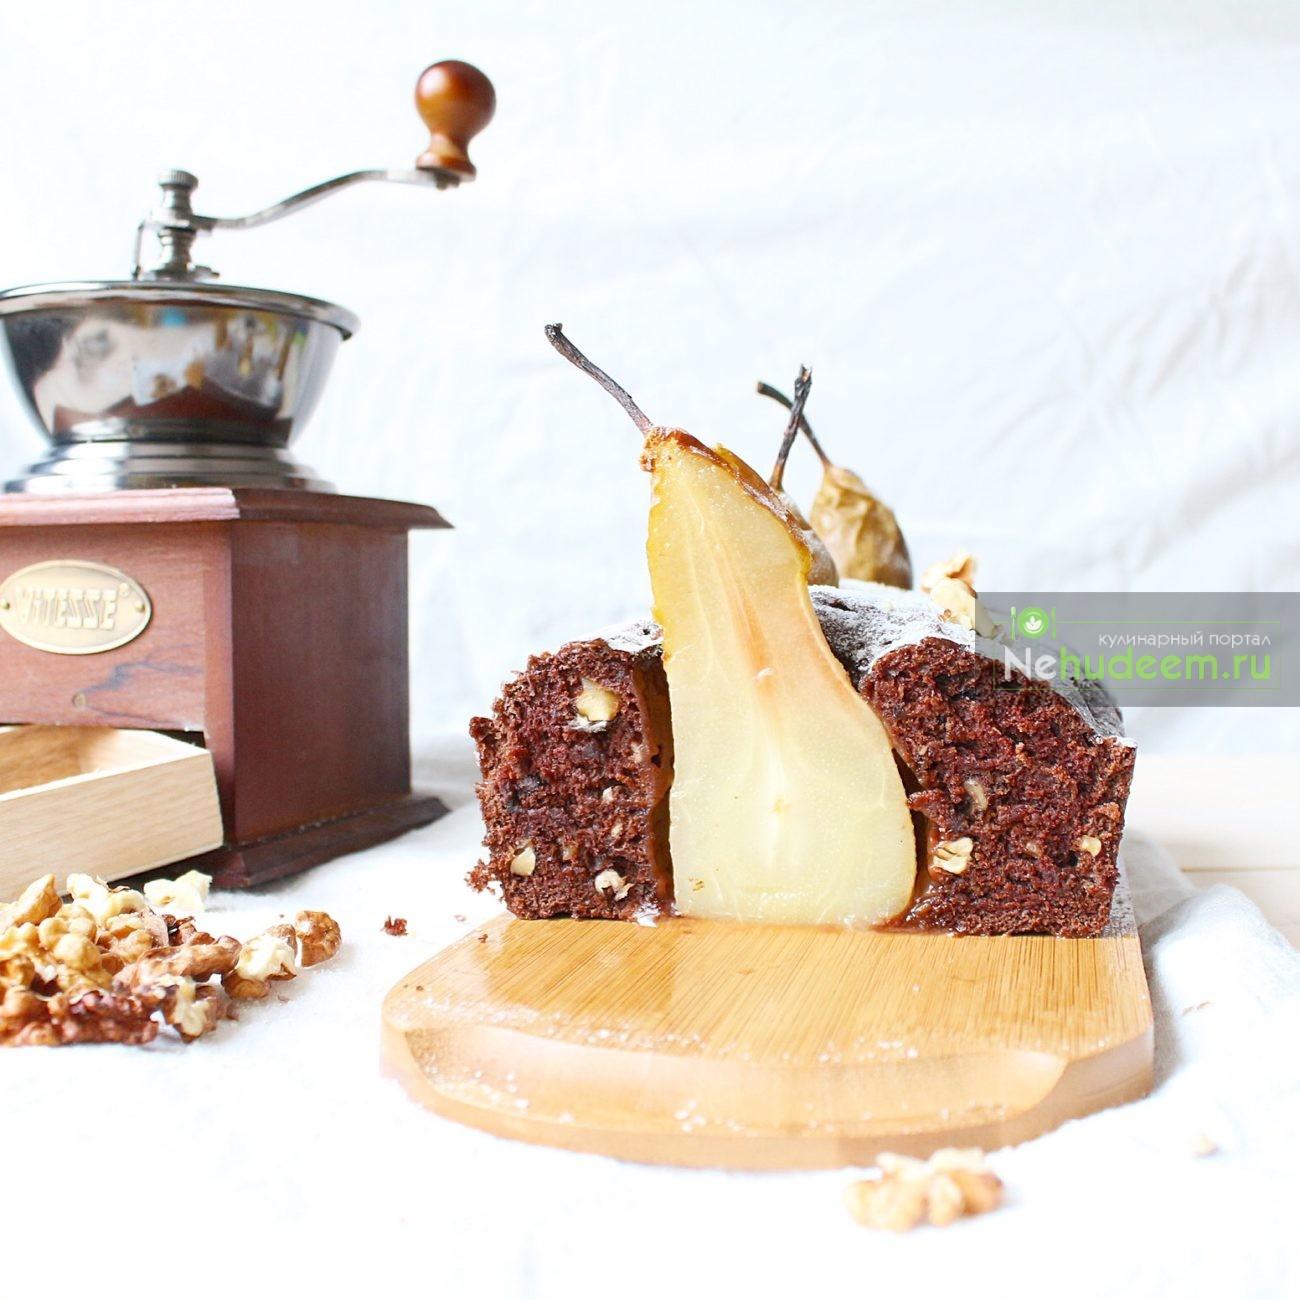 Постный пирог с грецкими орехами и грушами